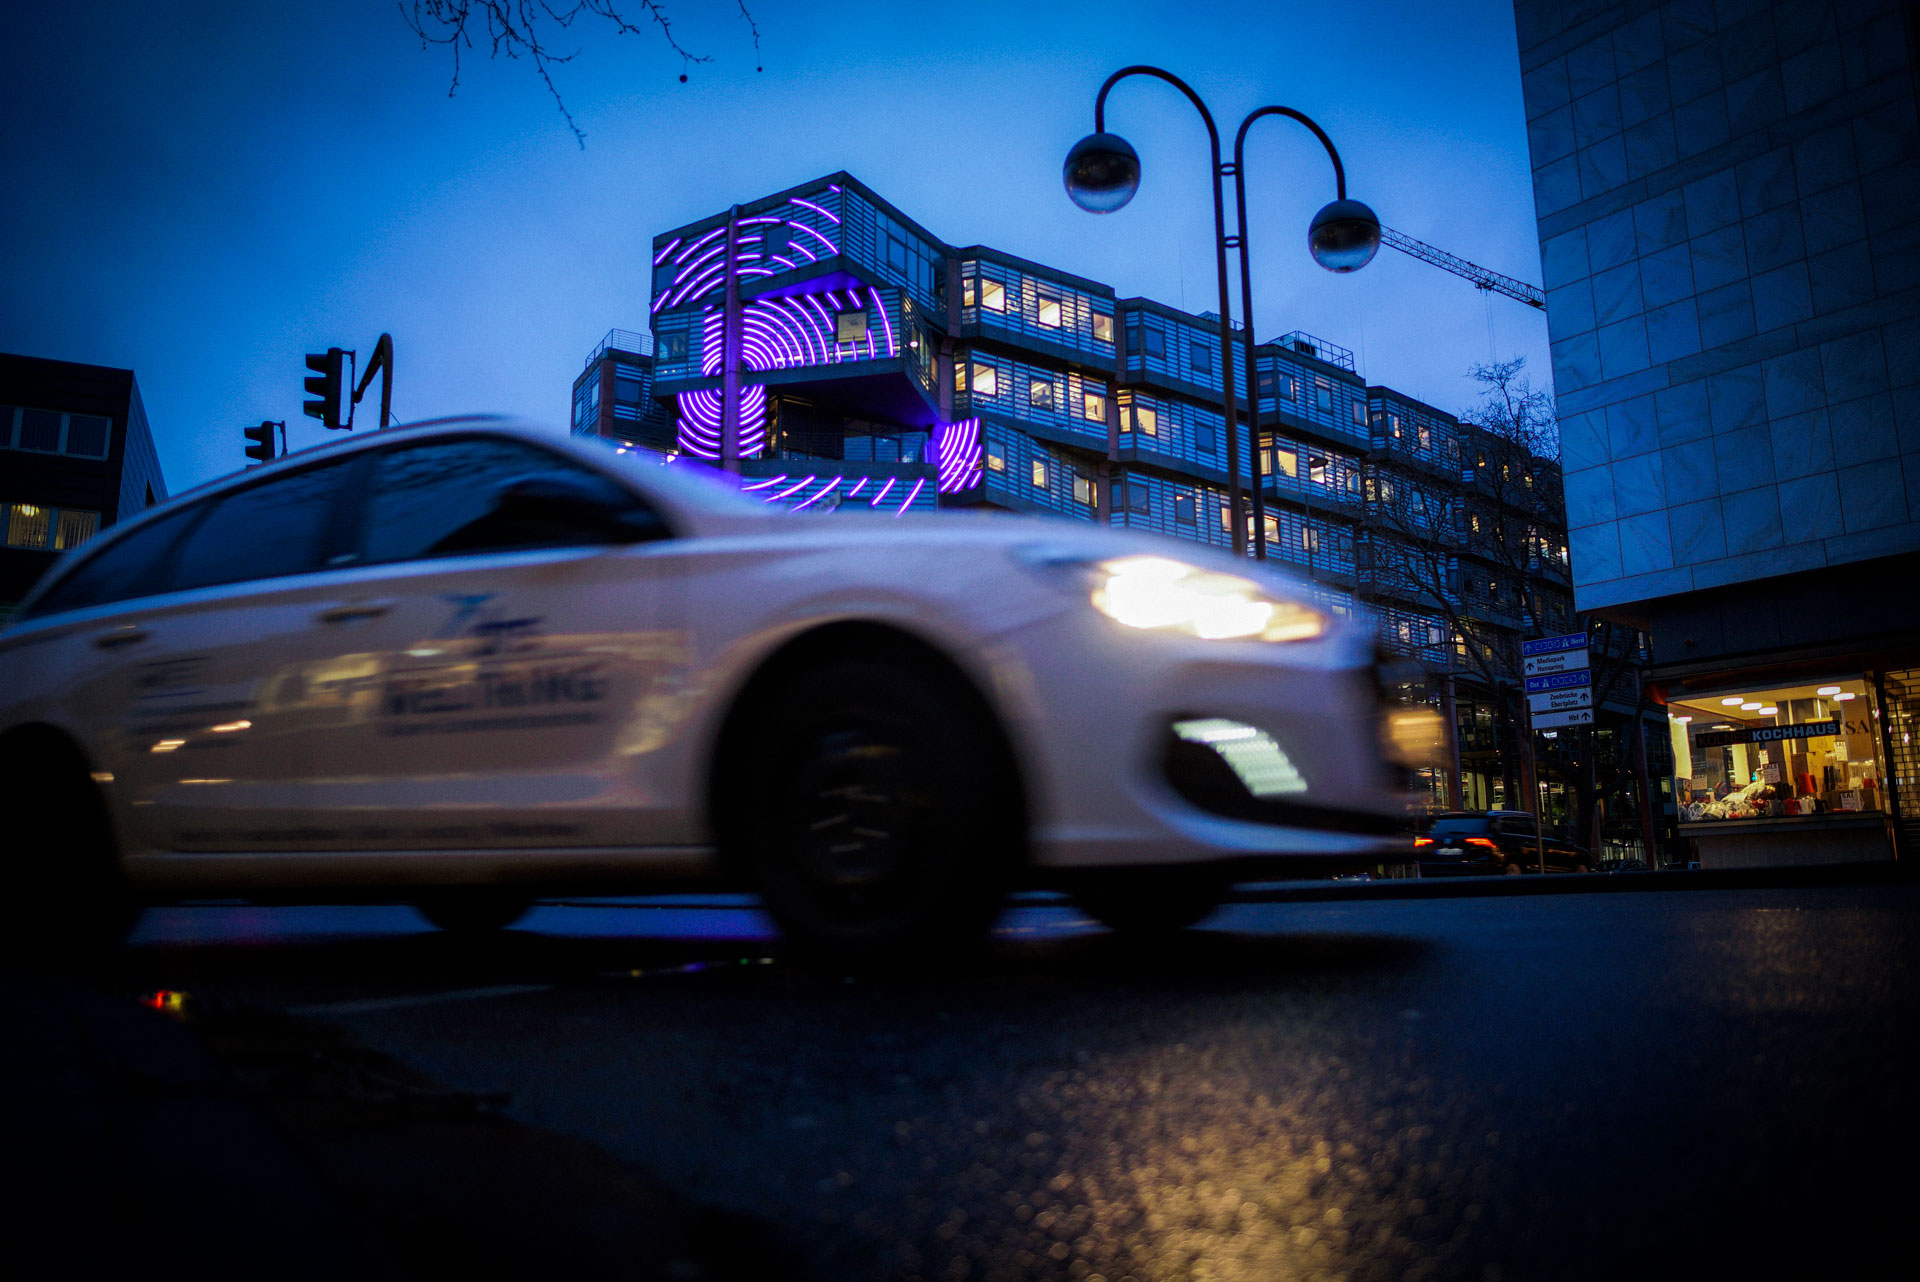 drs Weltring Auto WDR Arkaden 01 - Beratung für Brandmeldeanlagen (BMA)